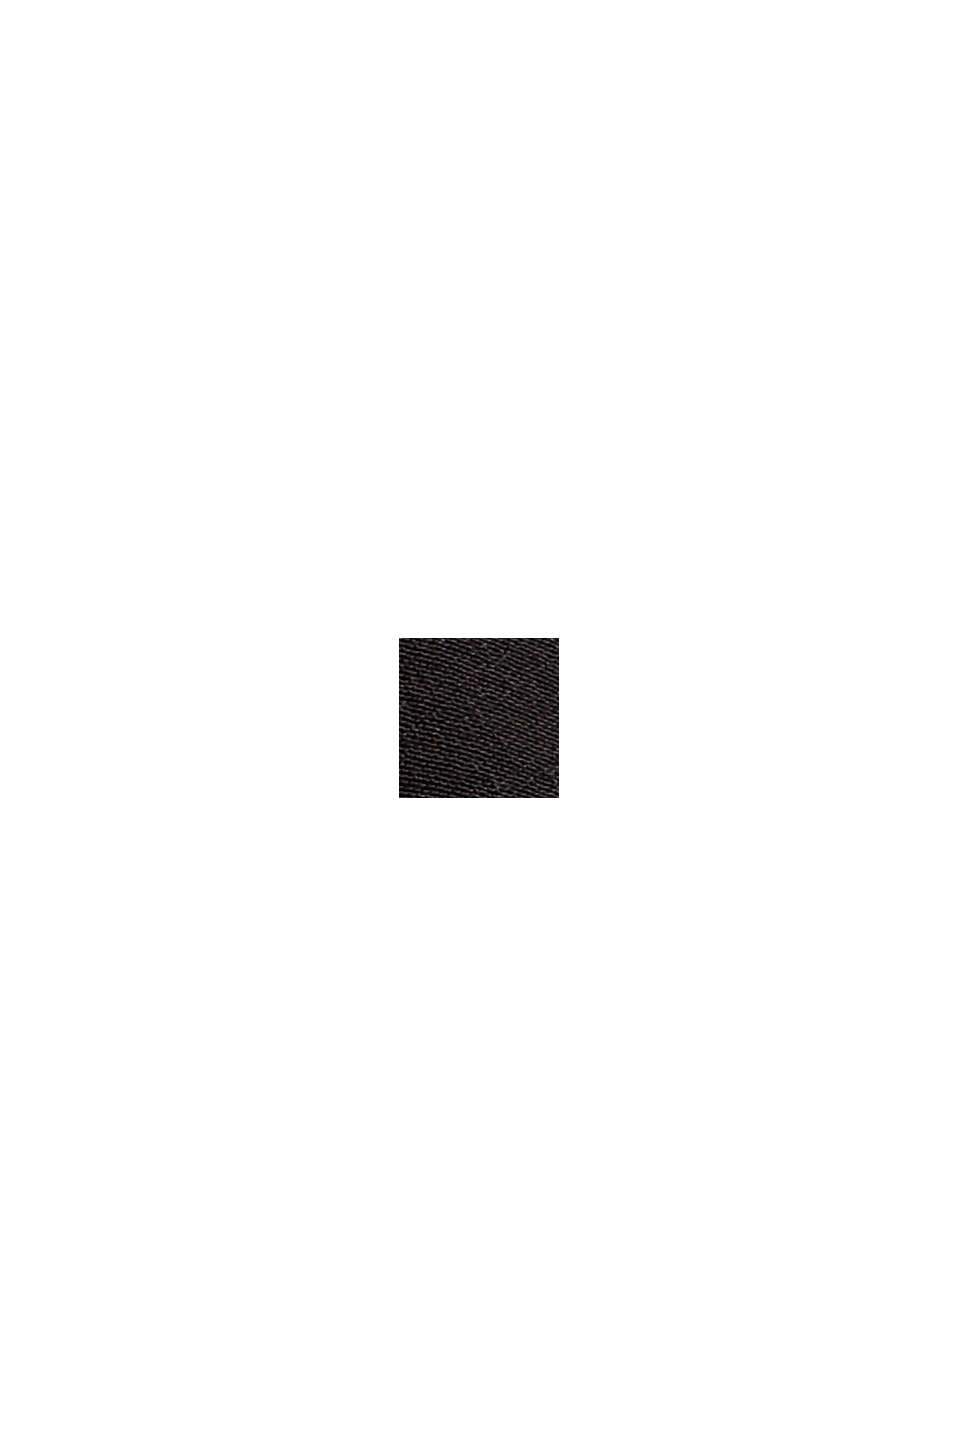 Bluse mit breiten Manschetten, LENZING™ ECOVERO™, BLACK, swatch